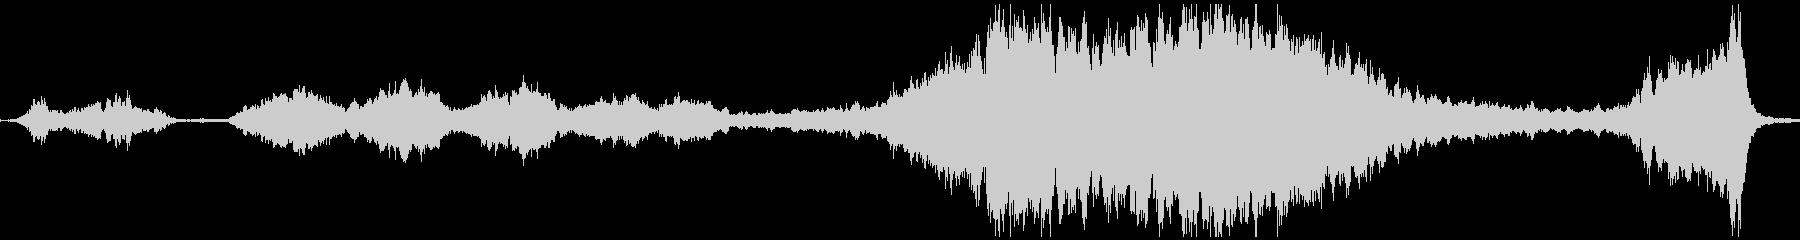 B/つらすぎる弦楽BGM・映像制作の未再生の波形